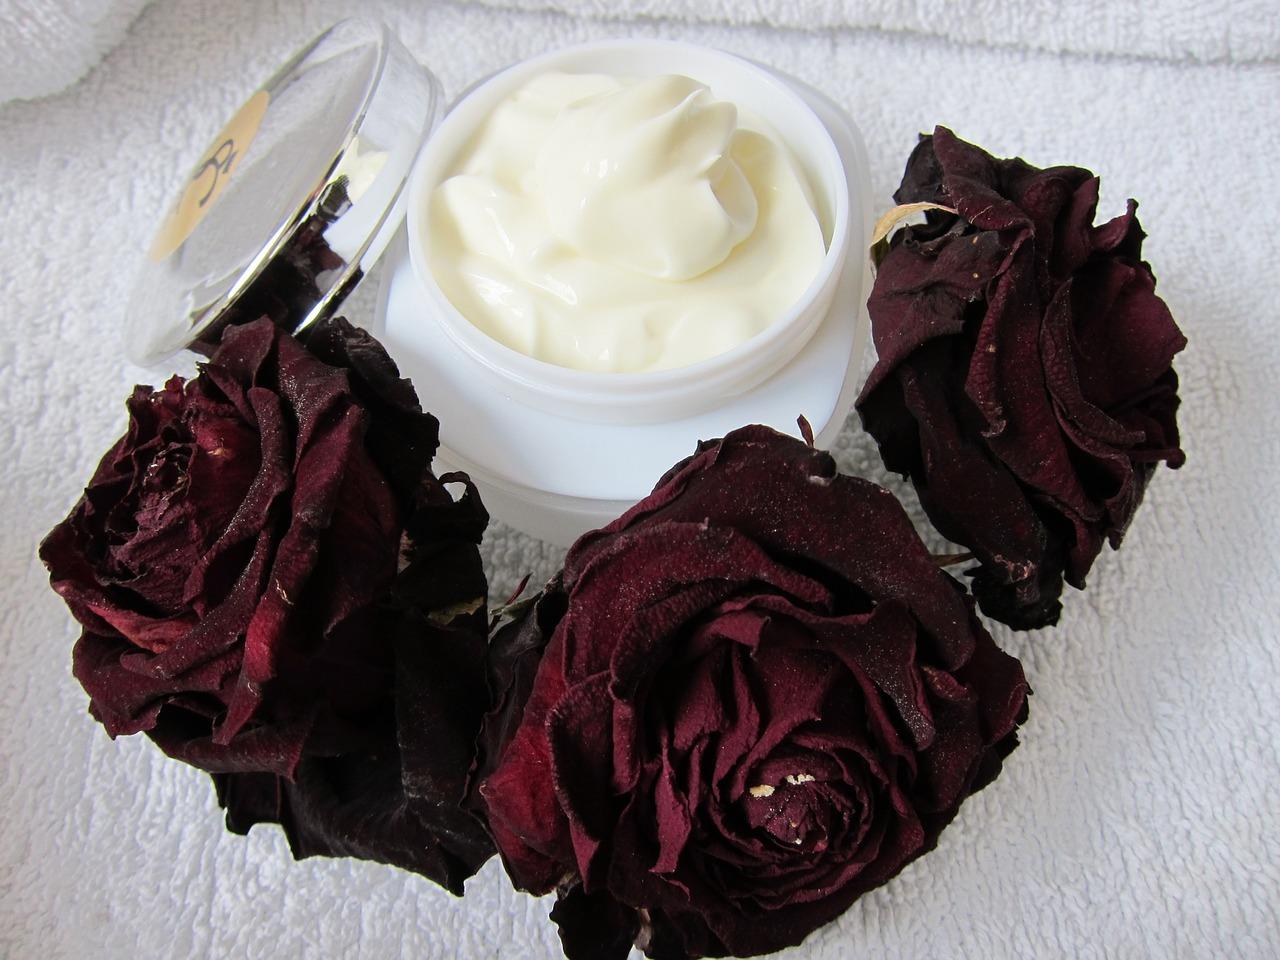 Qué tipo de crema hidratante es buena para la dermatitis en las manos